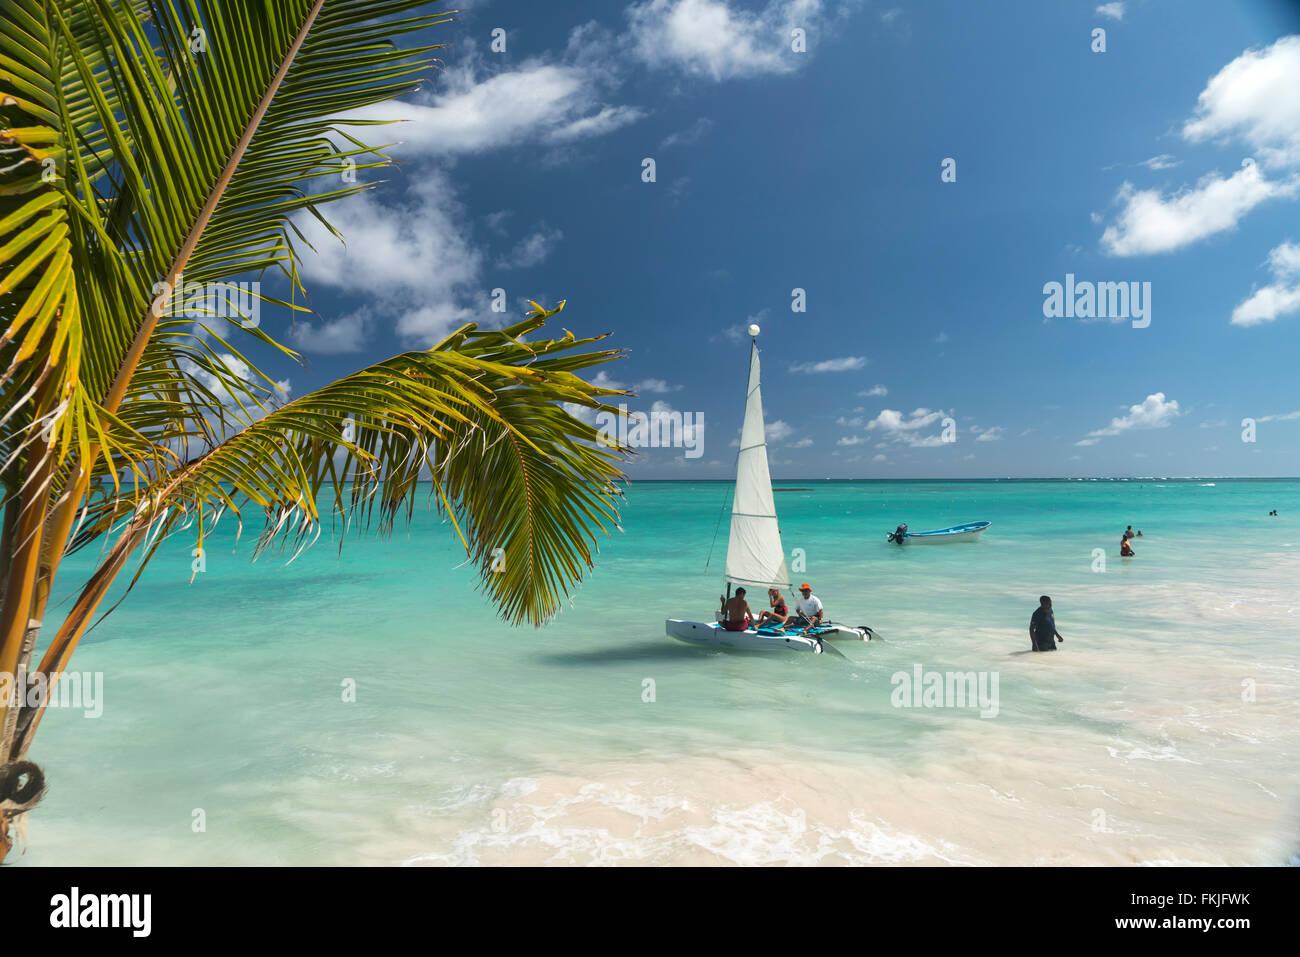 Barca a vela presso la spiaggia di Playa Bavaro, Punta Cana, Repubblica Dominicana, Caraibi, America, Immagini Stock